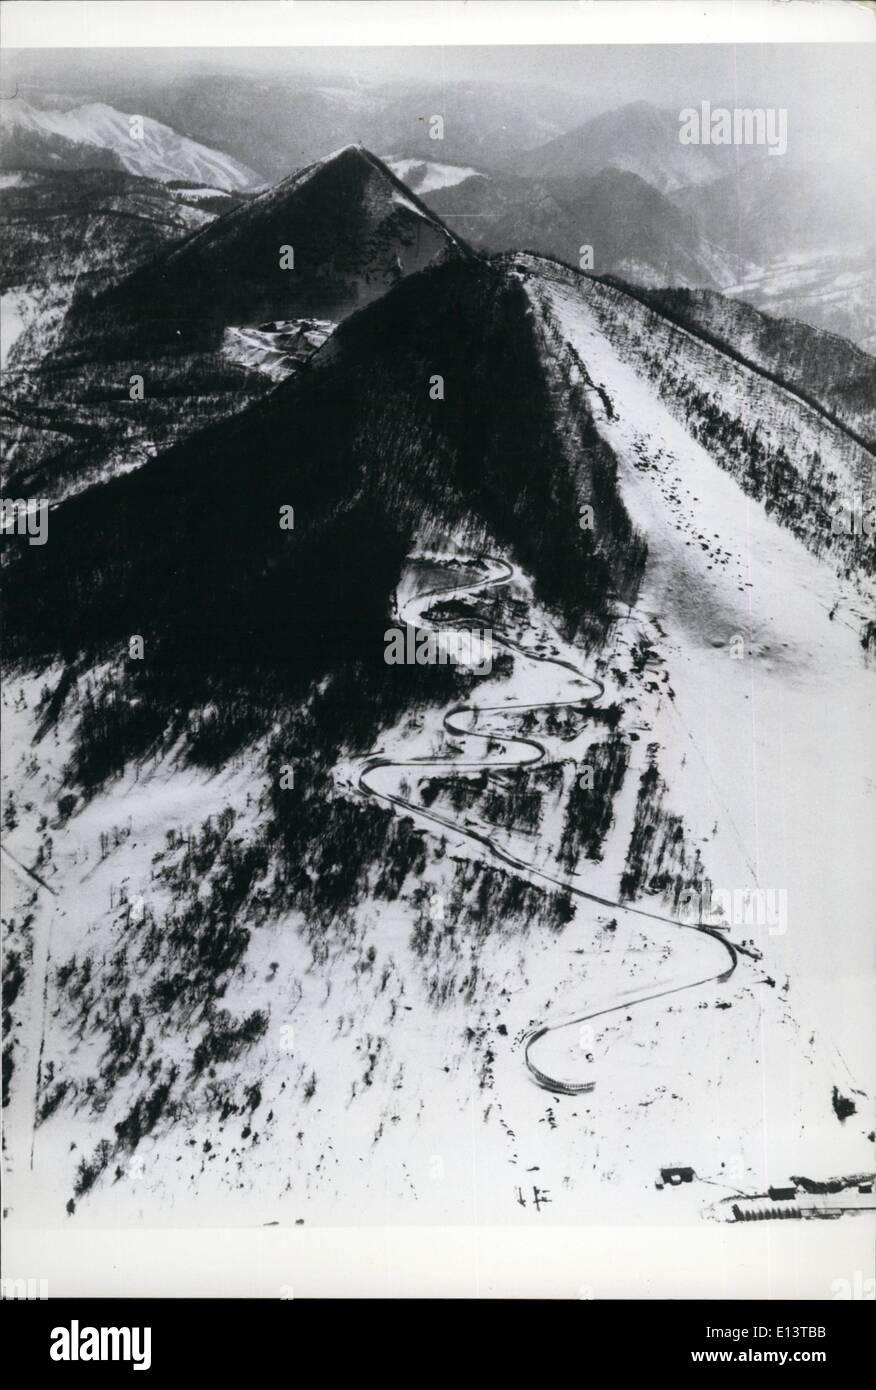 Mar. 27, 2012 - Site pour les Jeux Olympiques d'hiver de 1972. Quatorze sites pour les Jeux Olympiques d'hiver de 1972 ont été sélectionnées dans Sappero Ville, et montagnes à proximité de Hokkaido, Japon;s le nord de l'île, et la plupart des préparatifs sont déjà en cours de remodelage et de construire les différents sites pour le grand événement. Photo montre: la Luge Fujino - ce sera la première course de luge régulier mis en place au Japon, sur les pentes d'une montagne à 15 kilomètres au sud-ouest de la ville de Sapporo, sur un site adjacent au sol. Ski Fujino Photo Stock